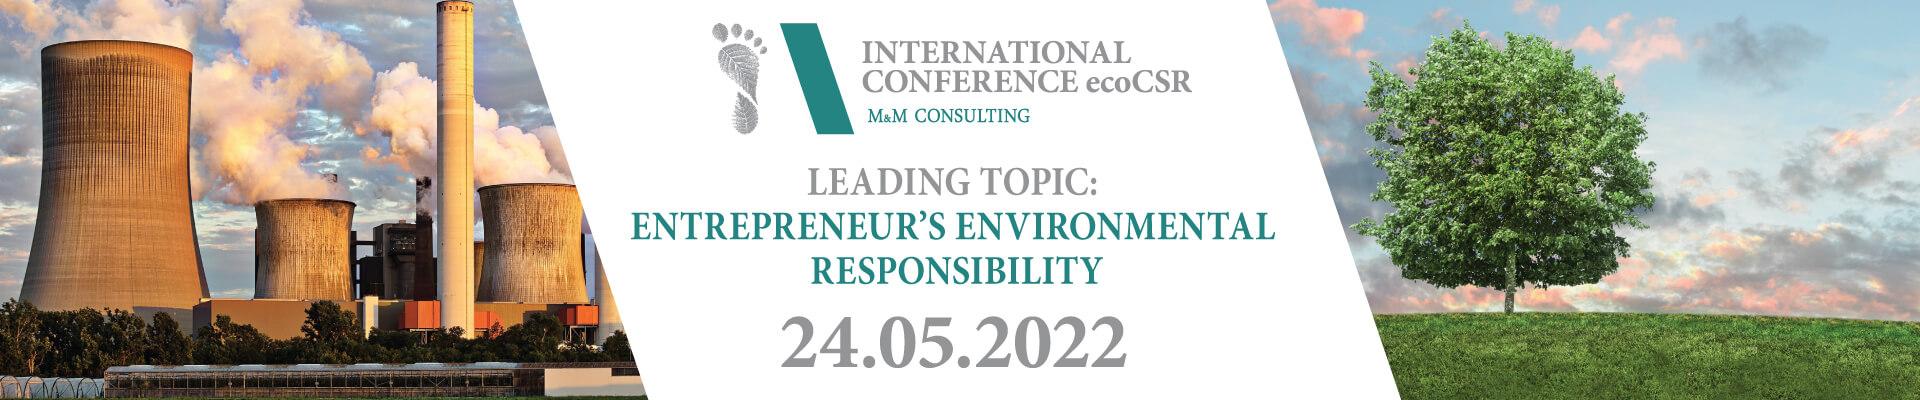 Międzynarodowa Konferencja ekoCSR 2022 - EN